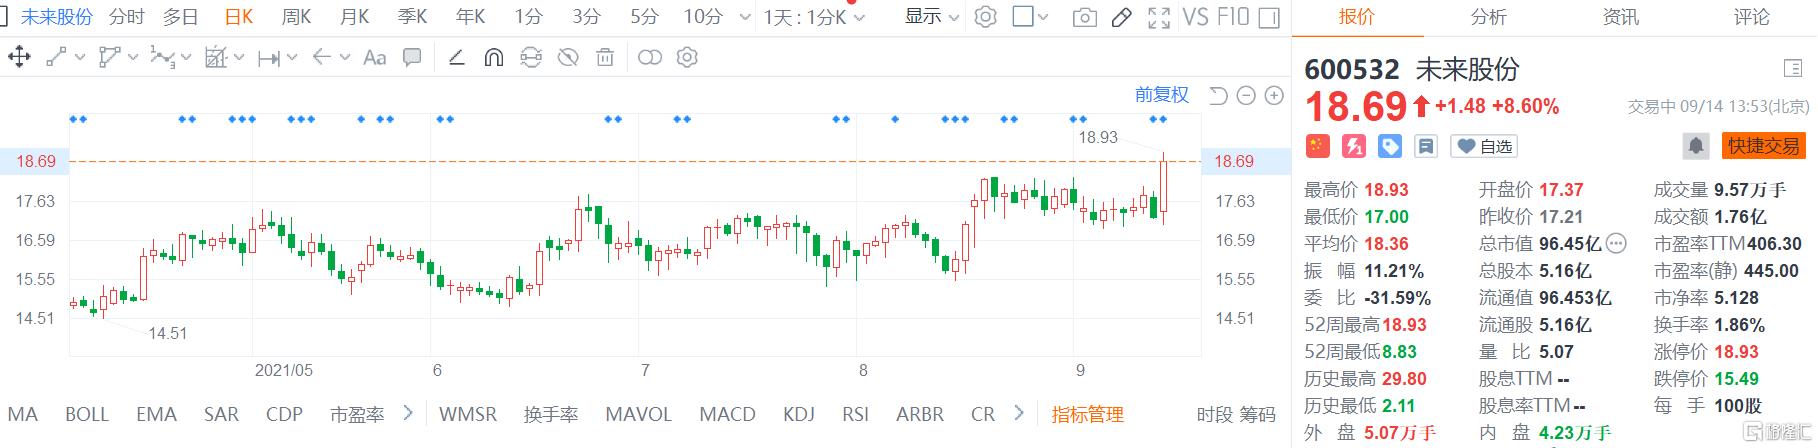 未来股份(600532.SH)盘中触及涨停价后回落,现报18.69元